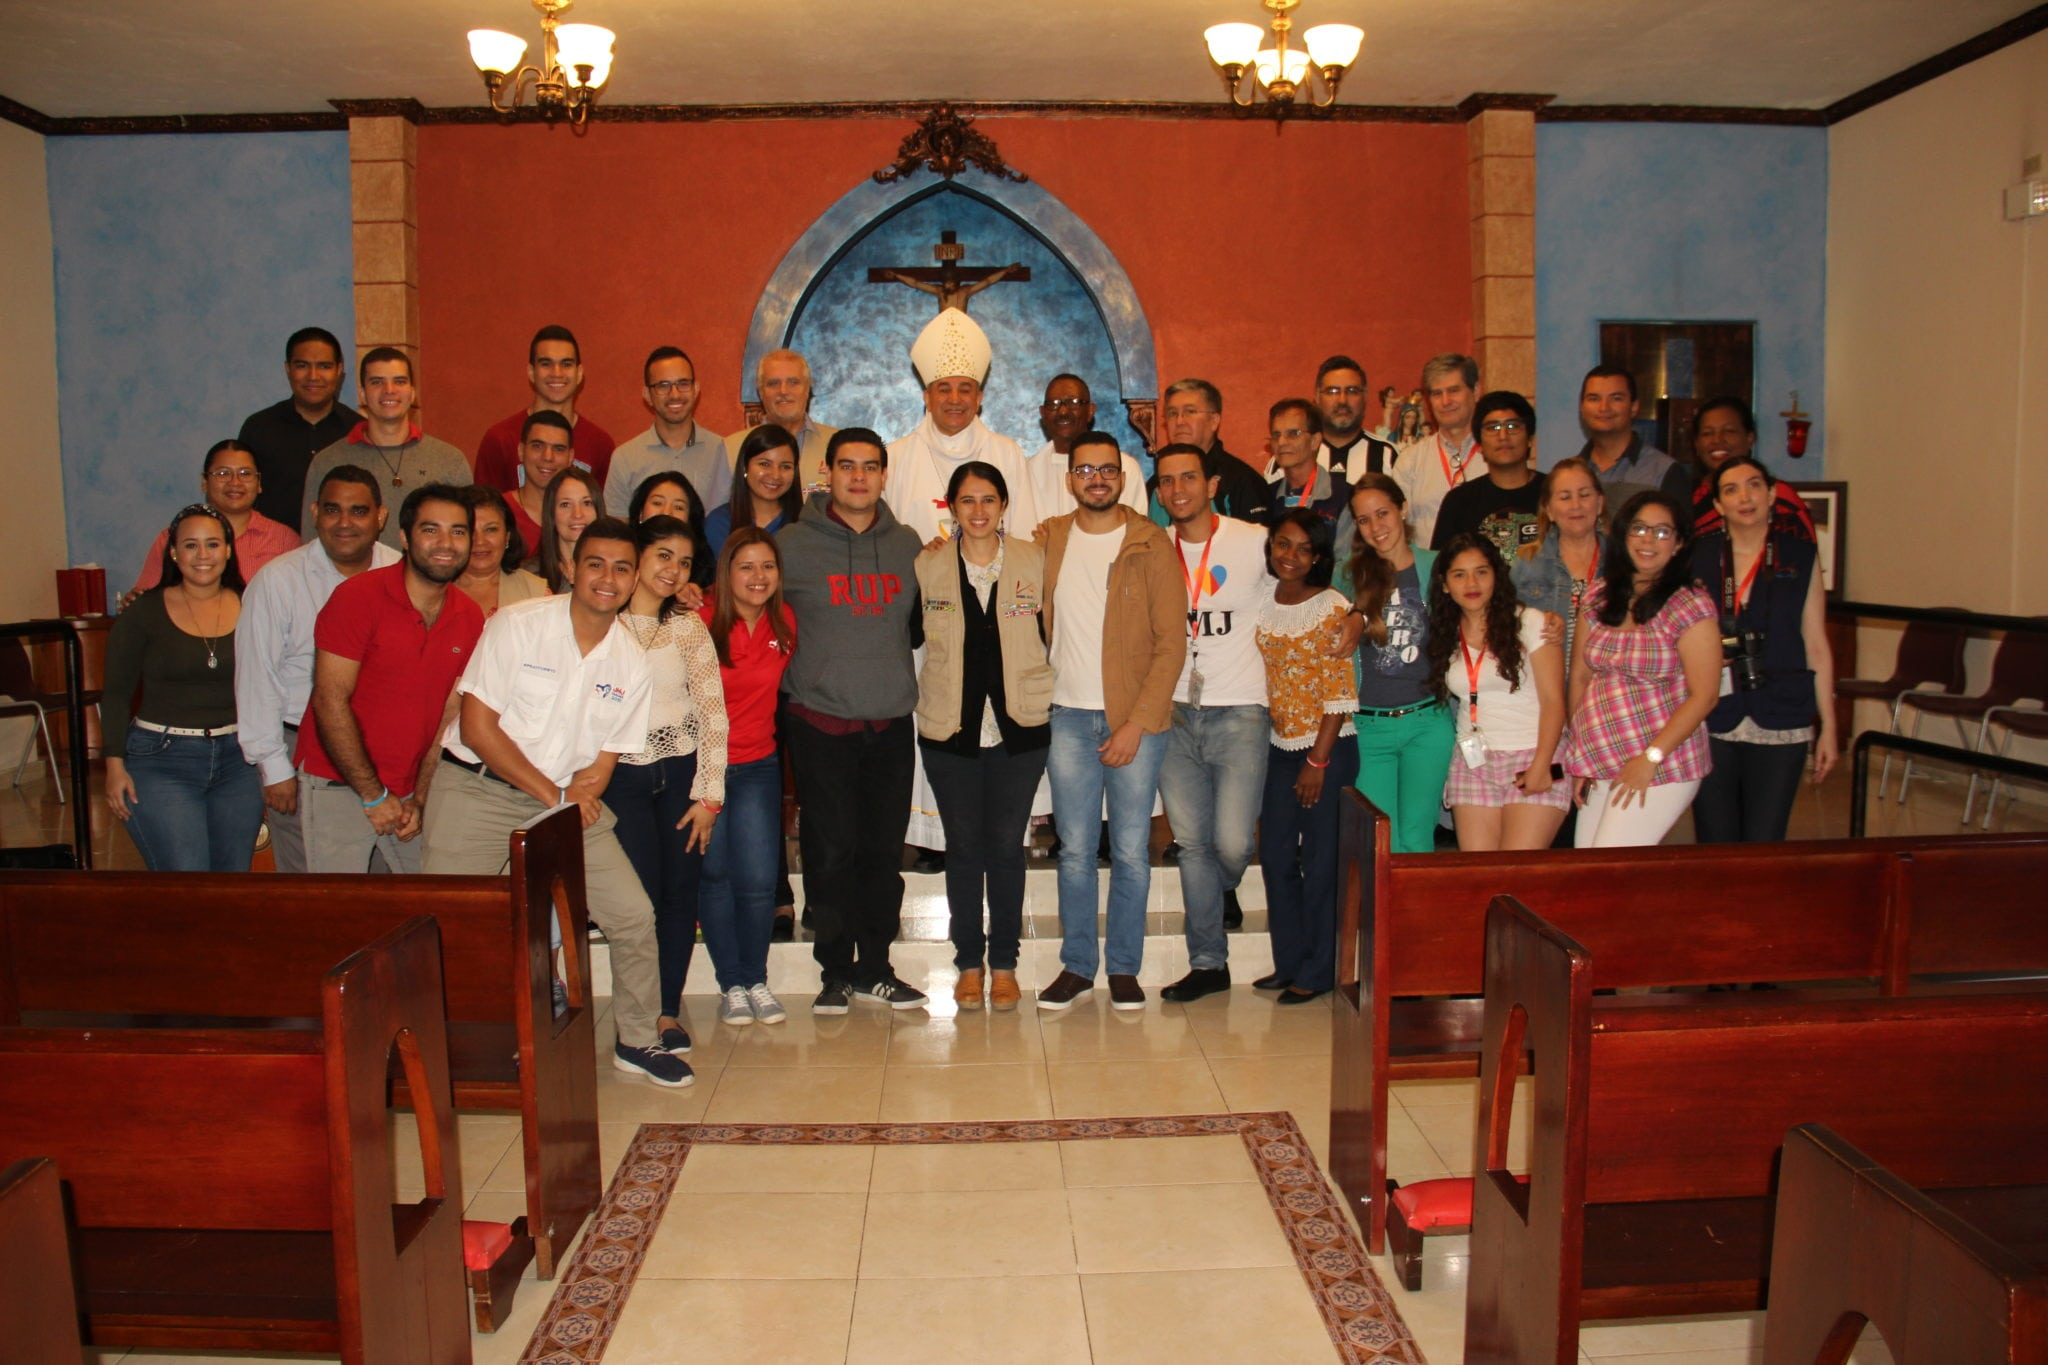 Jóvenes comunicadores católicos de América Latina  comprometidos con la transformación  social y eclesial